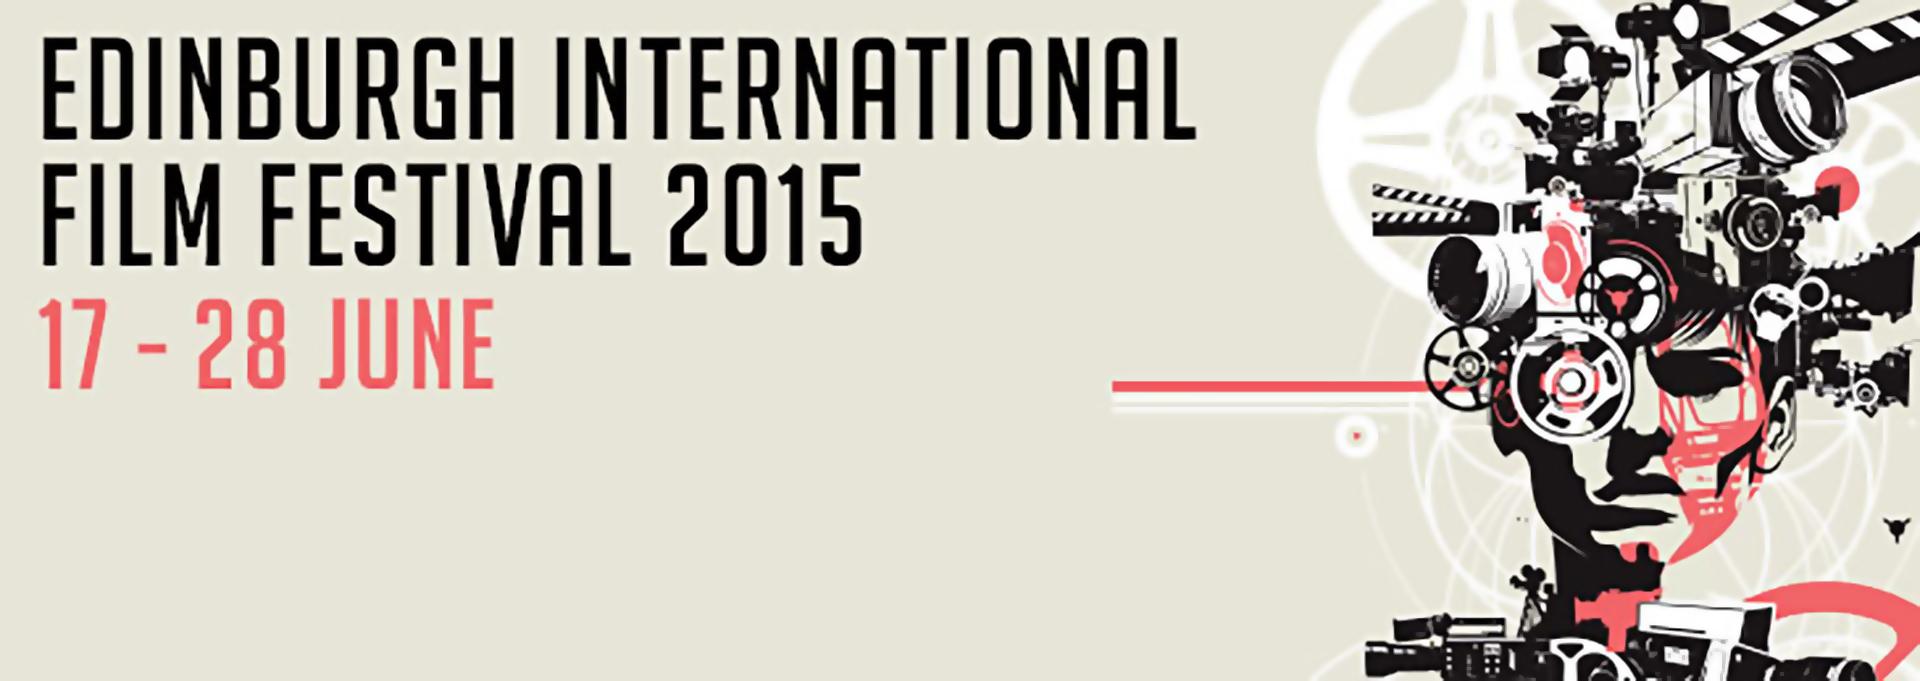 Edinburgh_International_Film_Festival_Banner